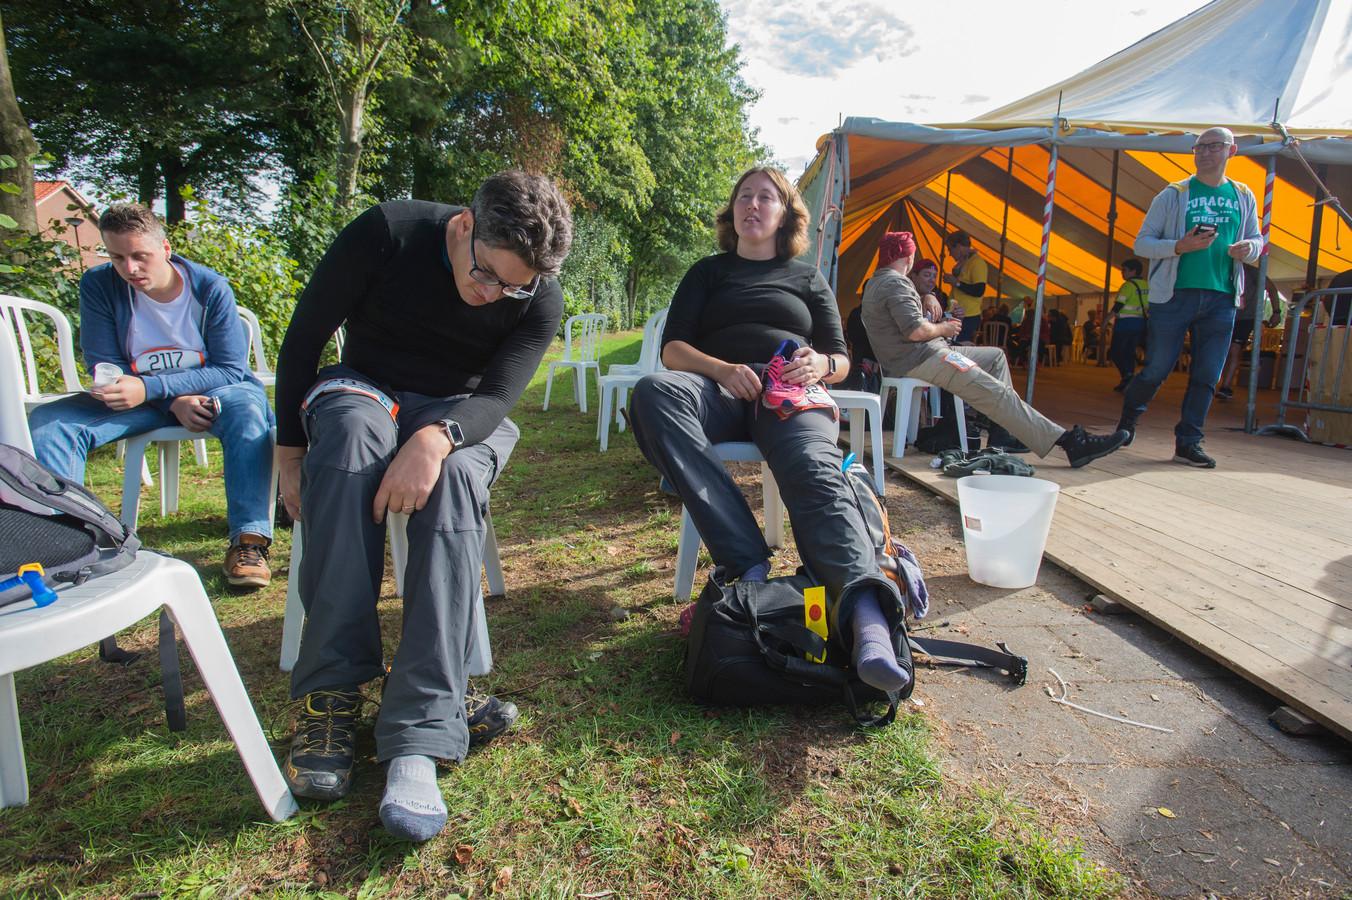 Jasper Harthoorn en zijn vrouw Ans rusten bij de laatste post in Dongen-Vaart bij sporthal de Gaasjes. Het is  zondagochtend 10.45 uur. Ze moeten dan nog 17 van de 80 kilometer afleggen.